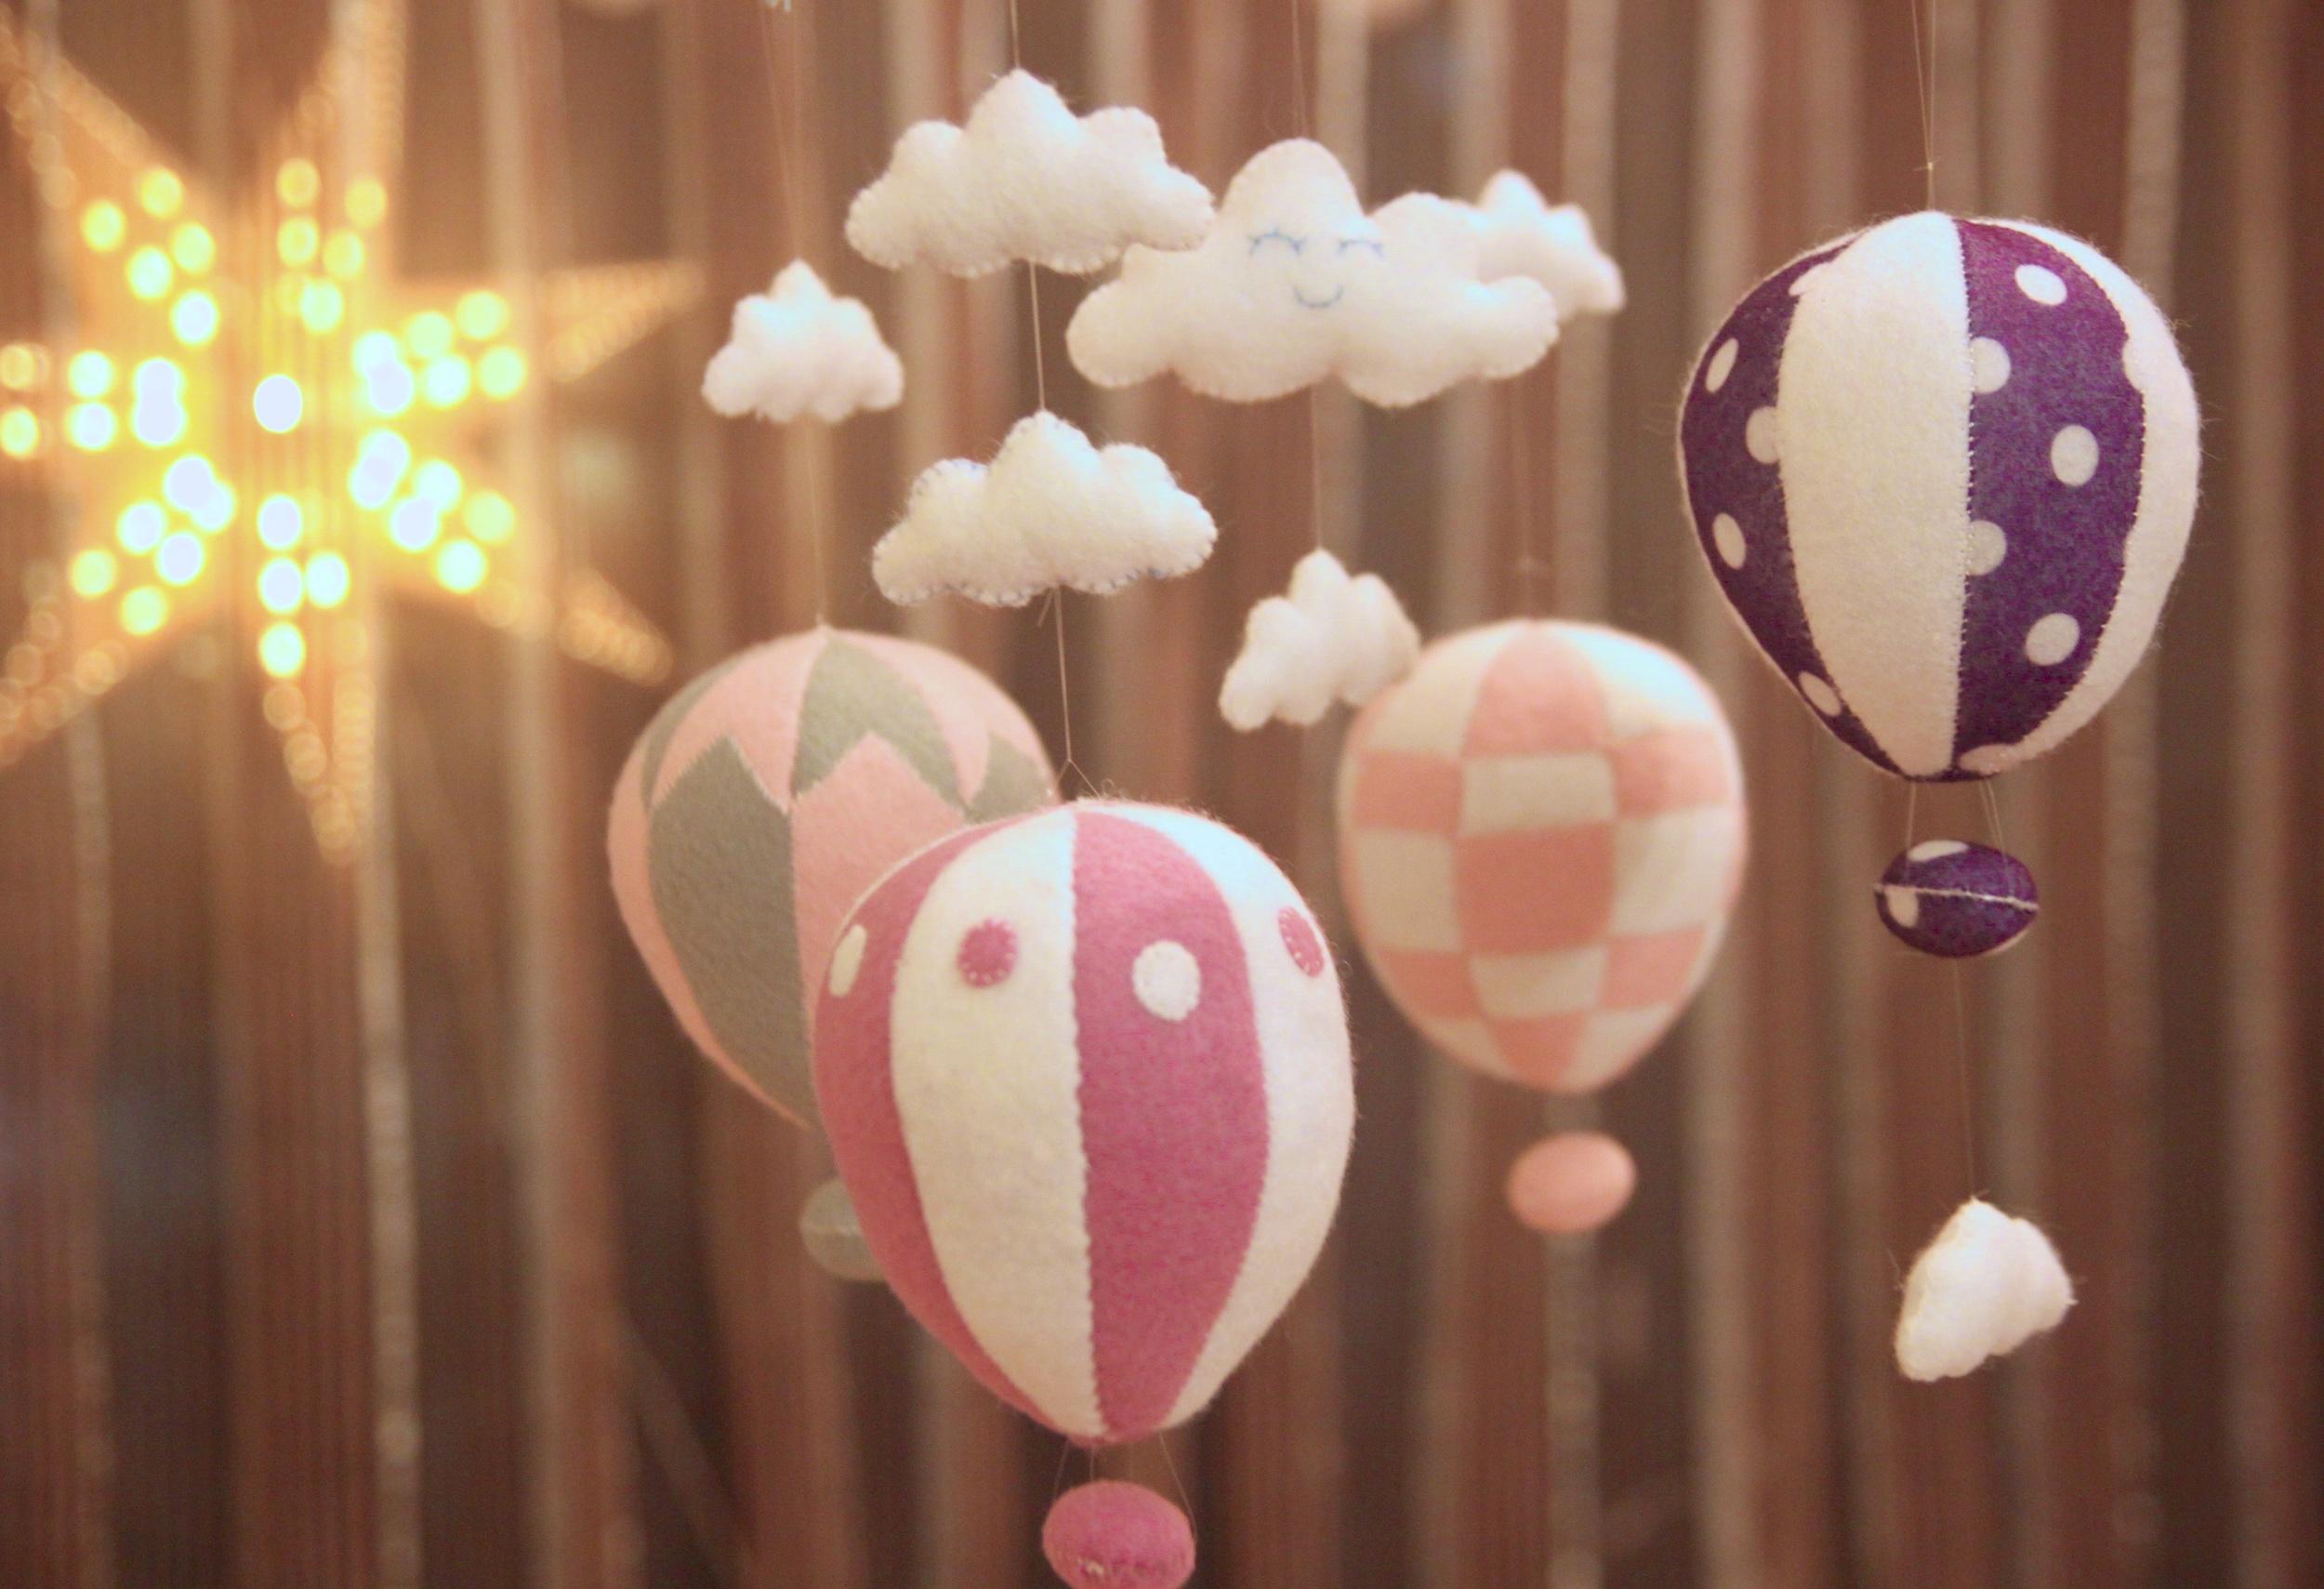 Handmade hot air ballon baby mobile